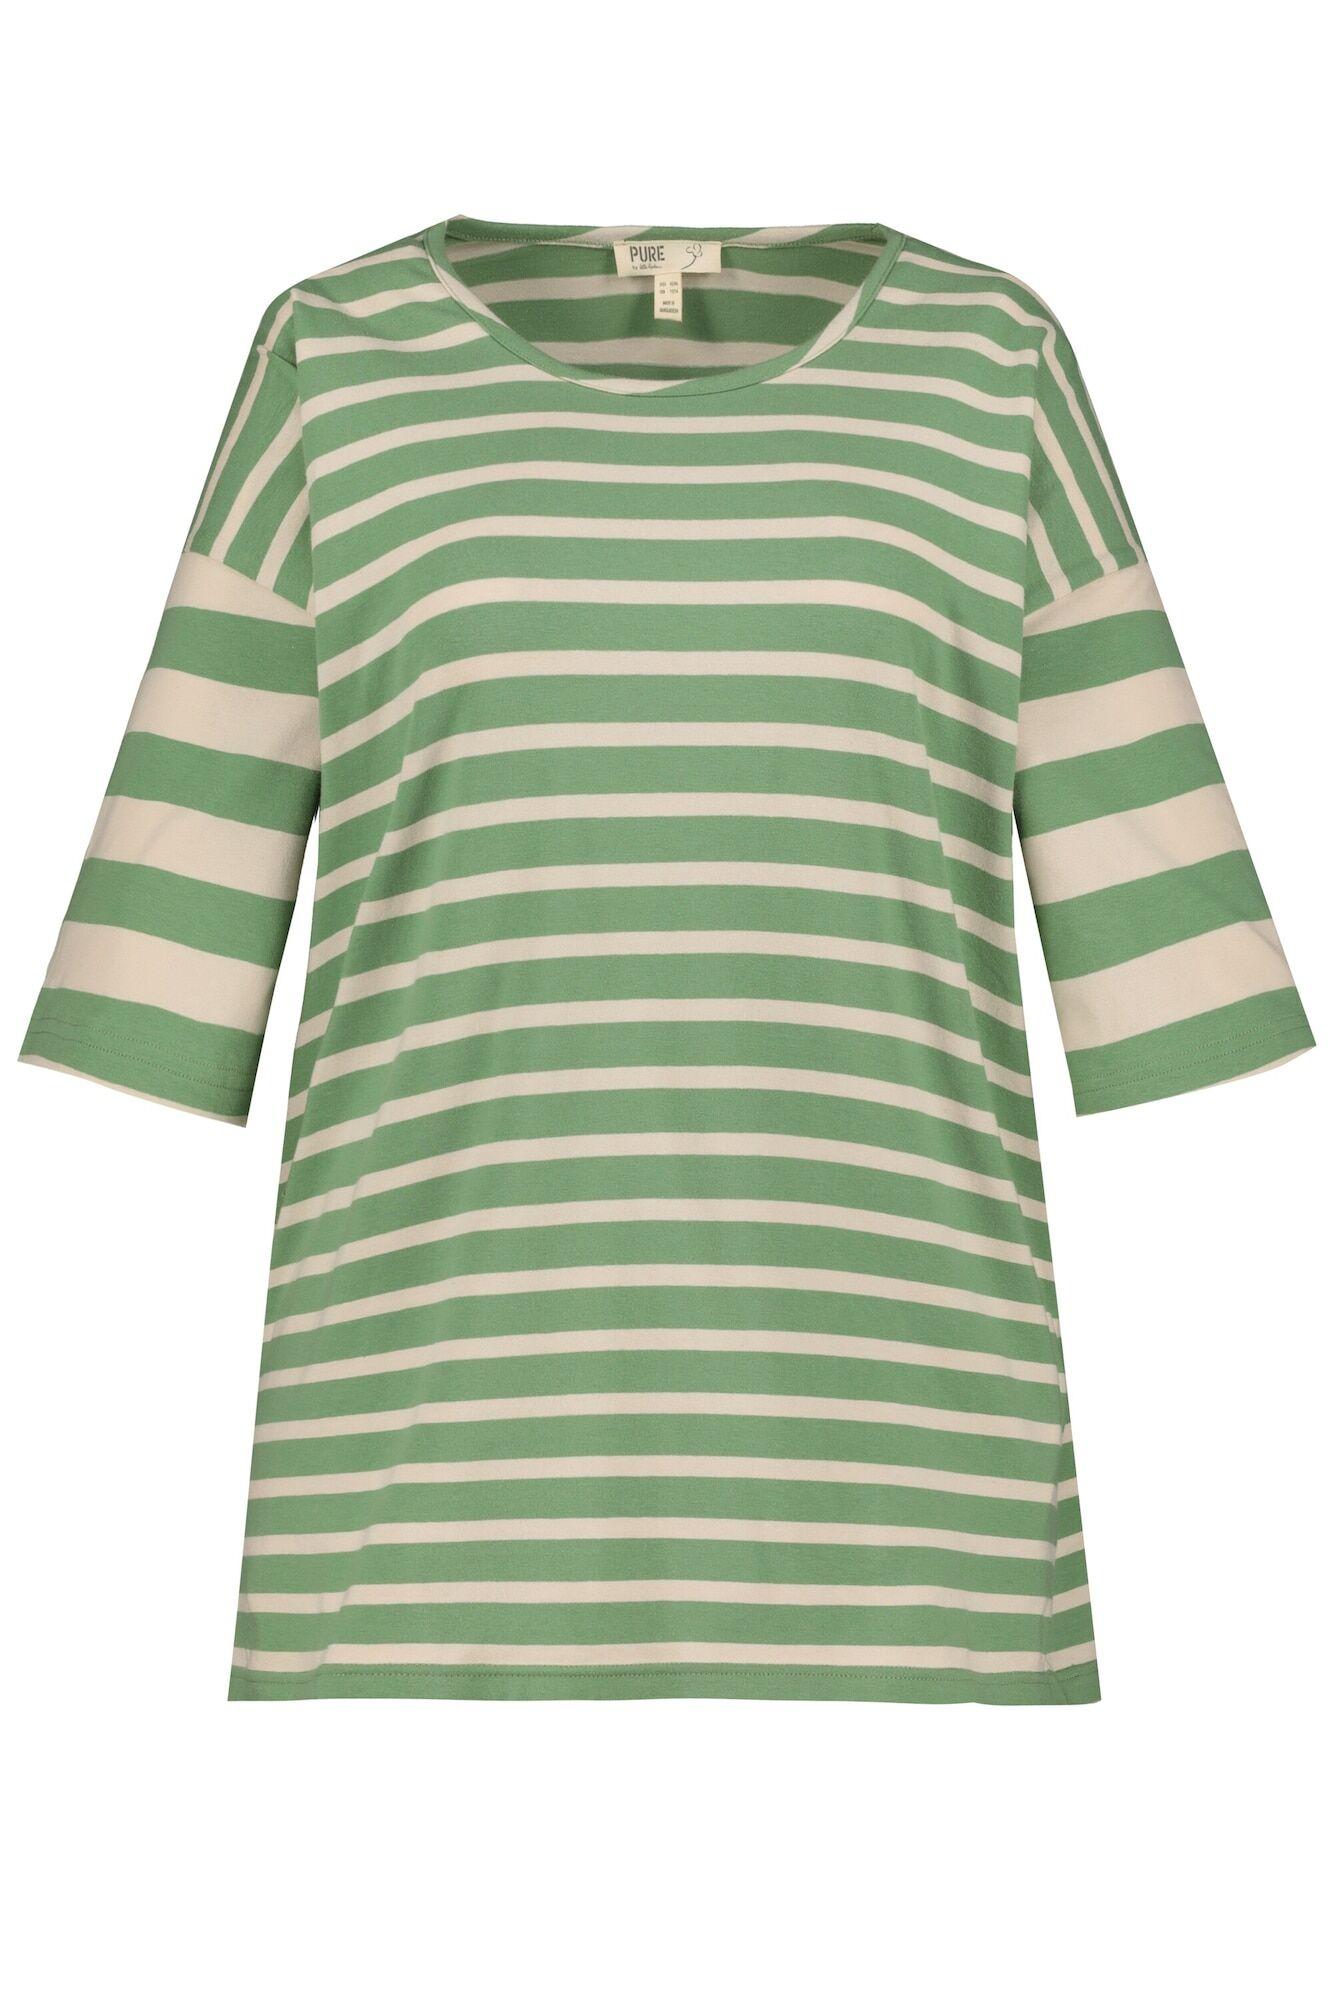 Ulla Popken T-shirt  - Beige, Vert - Taille: XXXL-4XL - female